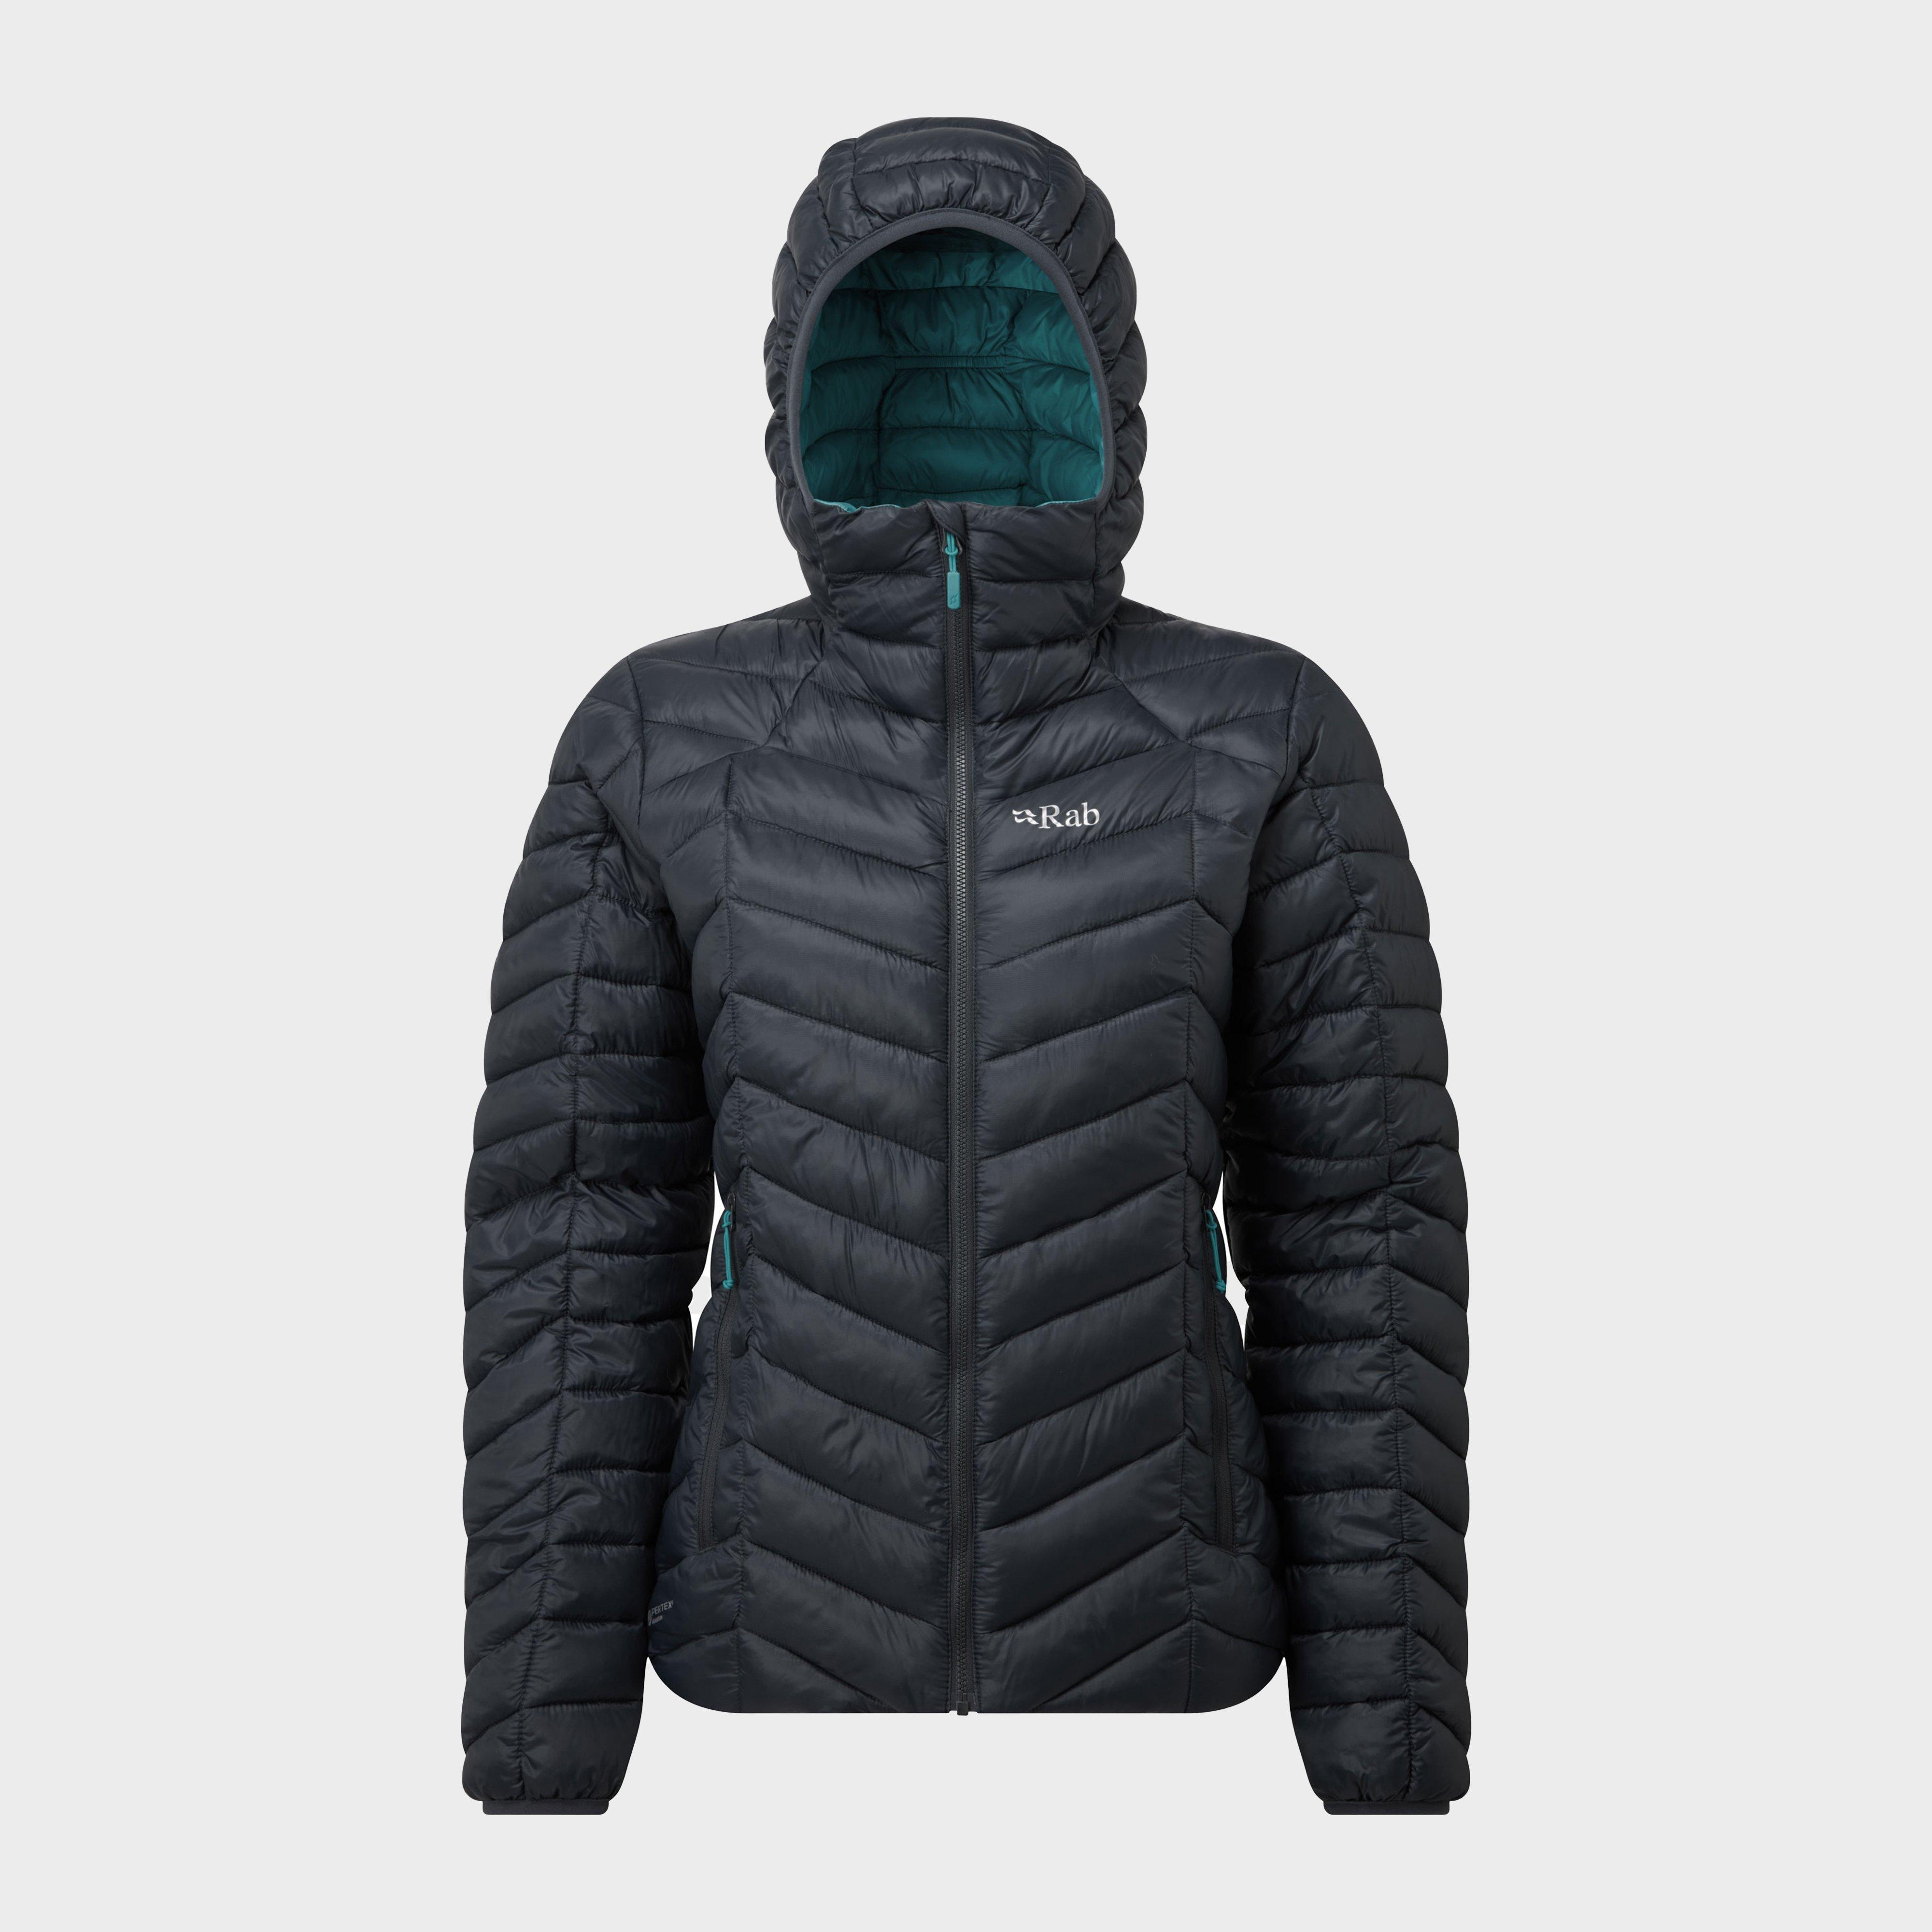 Rab Rab Womens Nimbus Insulated Jacket, Black